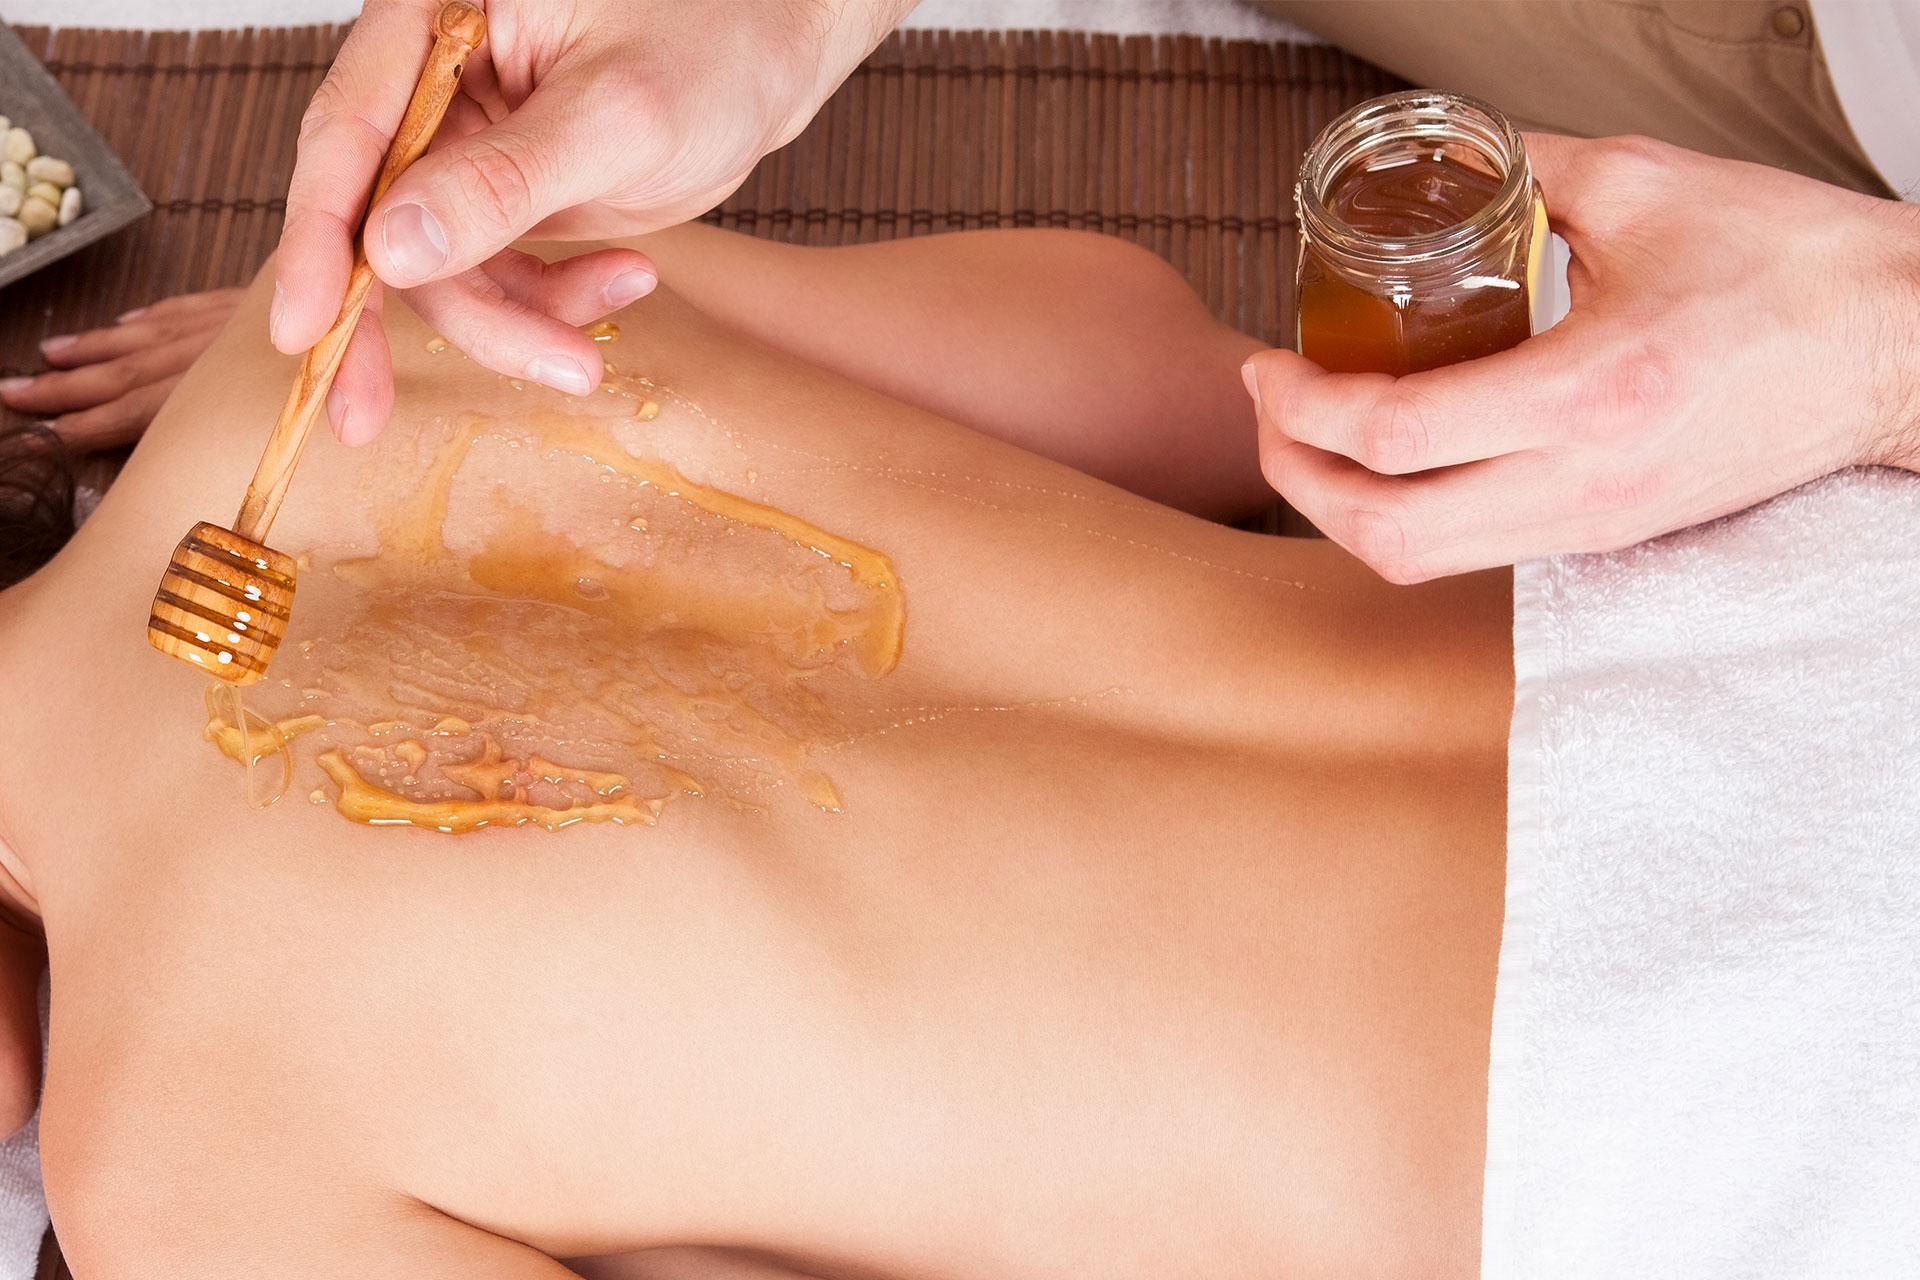 Медовый массаж в бане - польза, противопоказания, техника проведения массажа